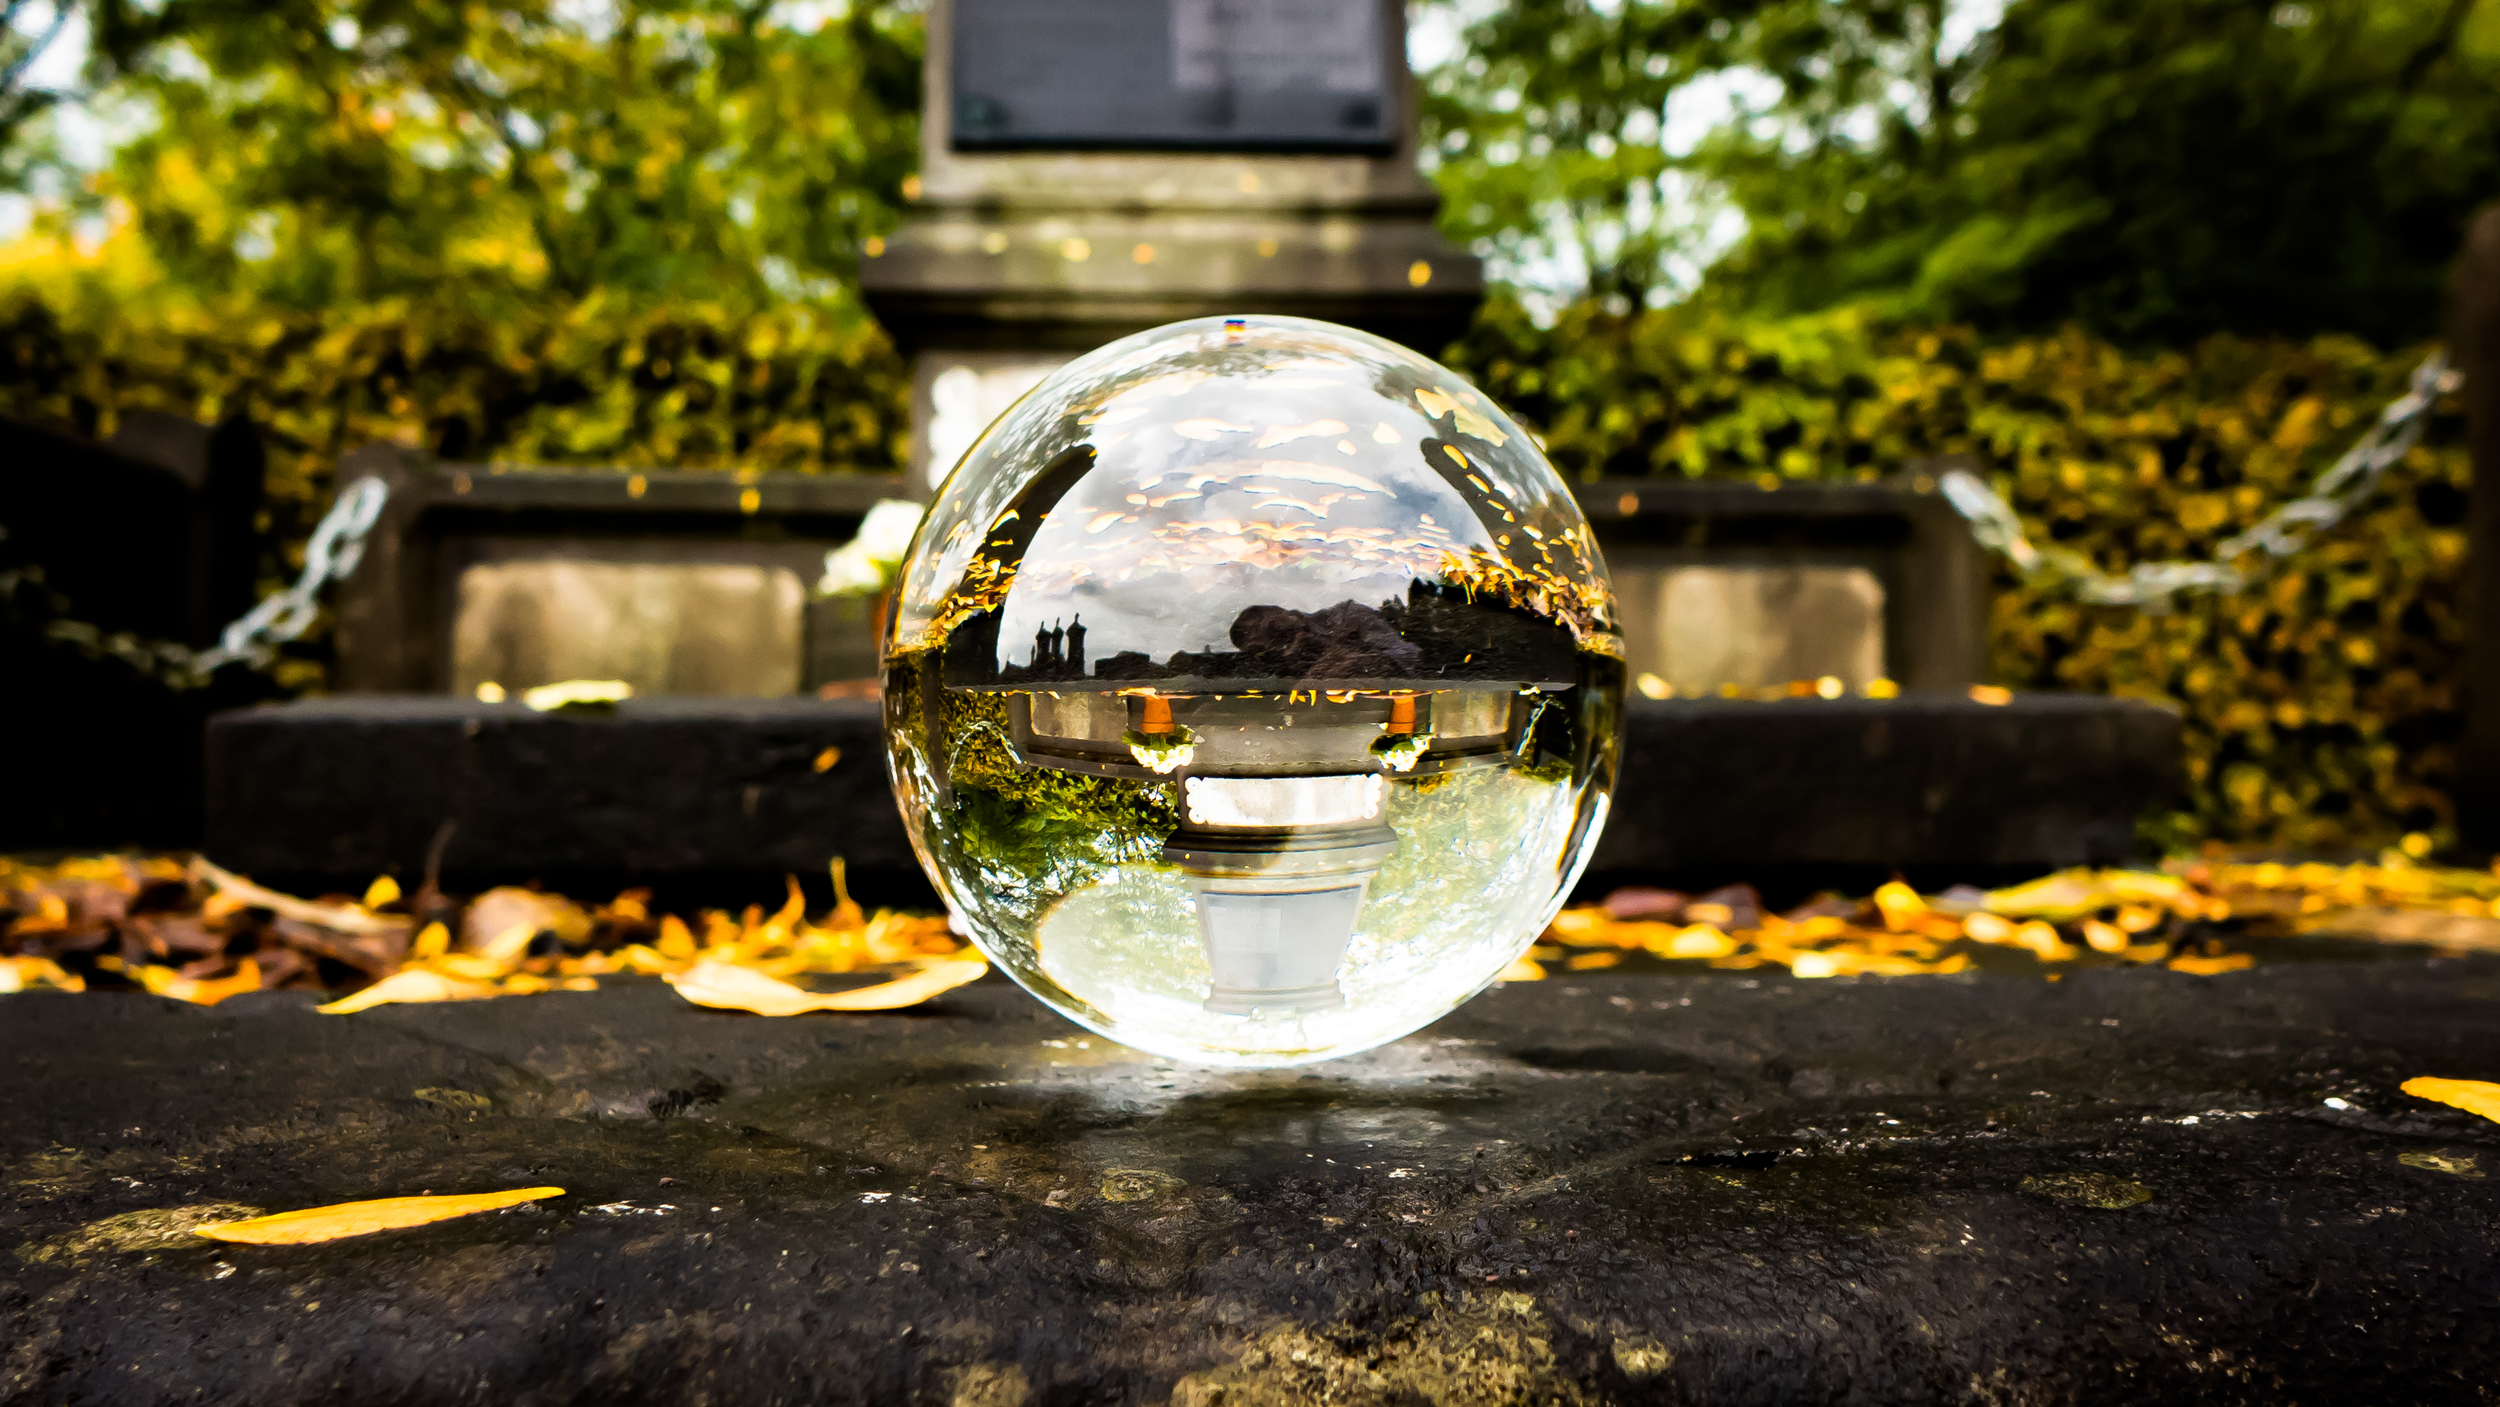 Wat maakt het kerkhof van Boom mooi - kristallen bol